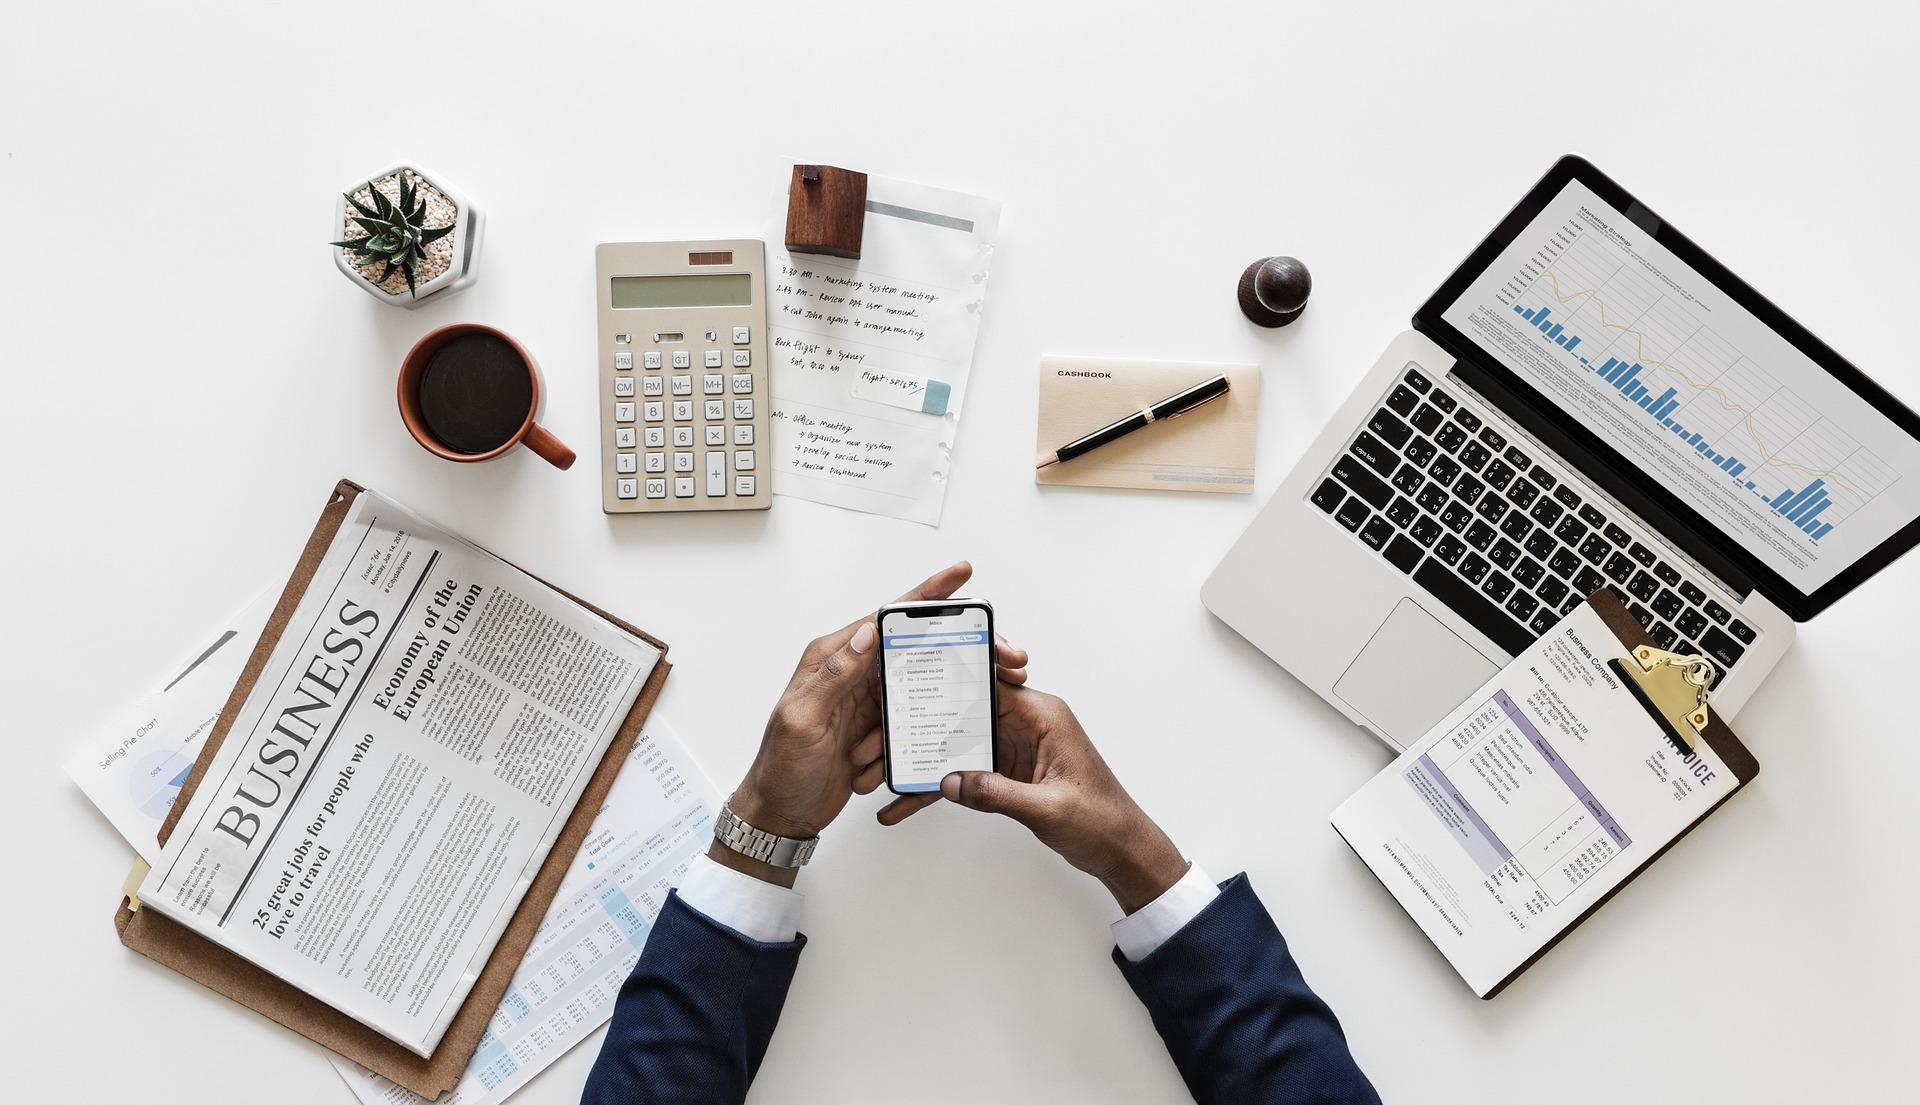 優良な中小企業を見分ける方法8選【合う会社の見つけ方も解説】